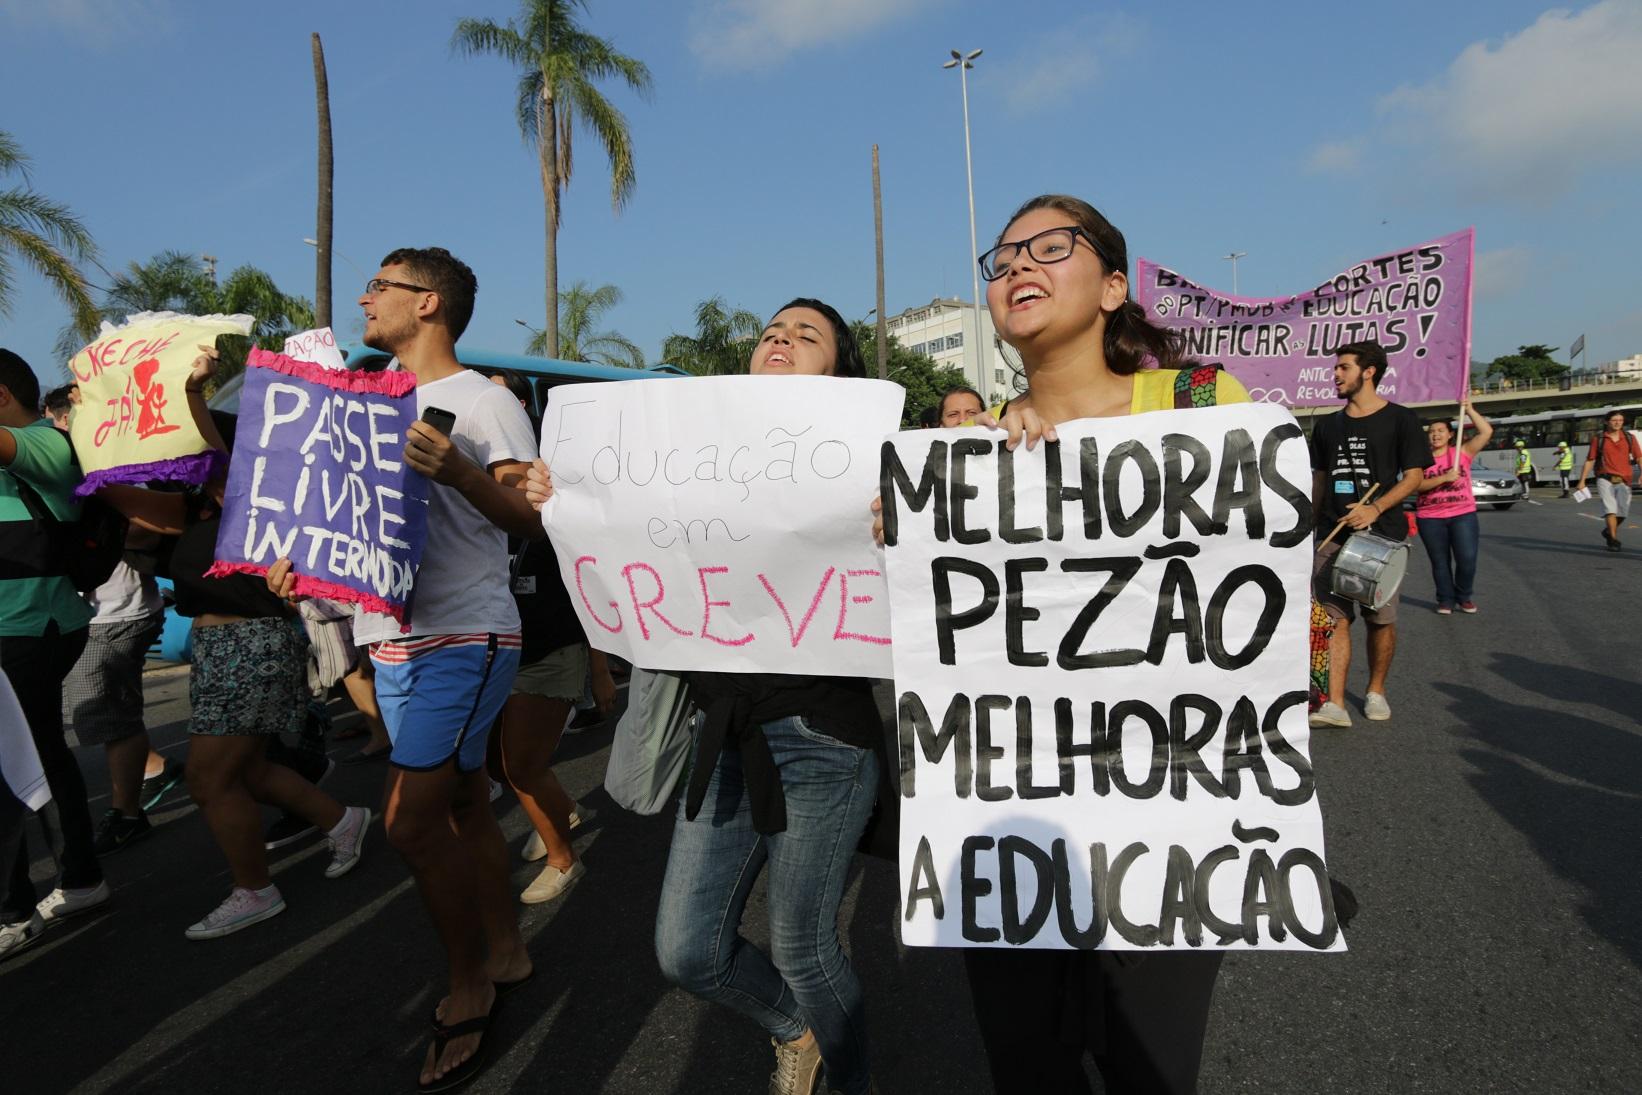 Protestos contra o governador que ameaça cortar 30% dos salários que já estão atrasados. Foto Alessandro Pereira da Silva/Citizenside